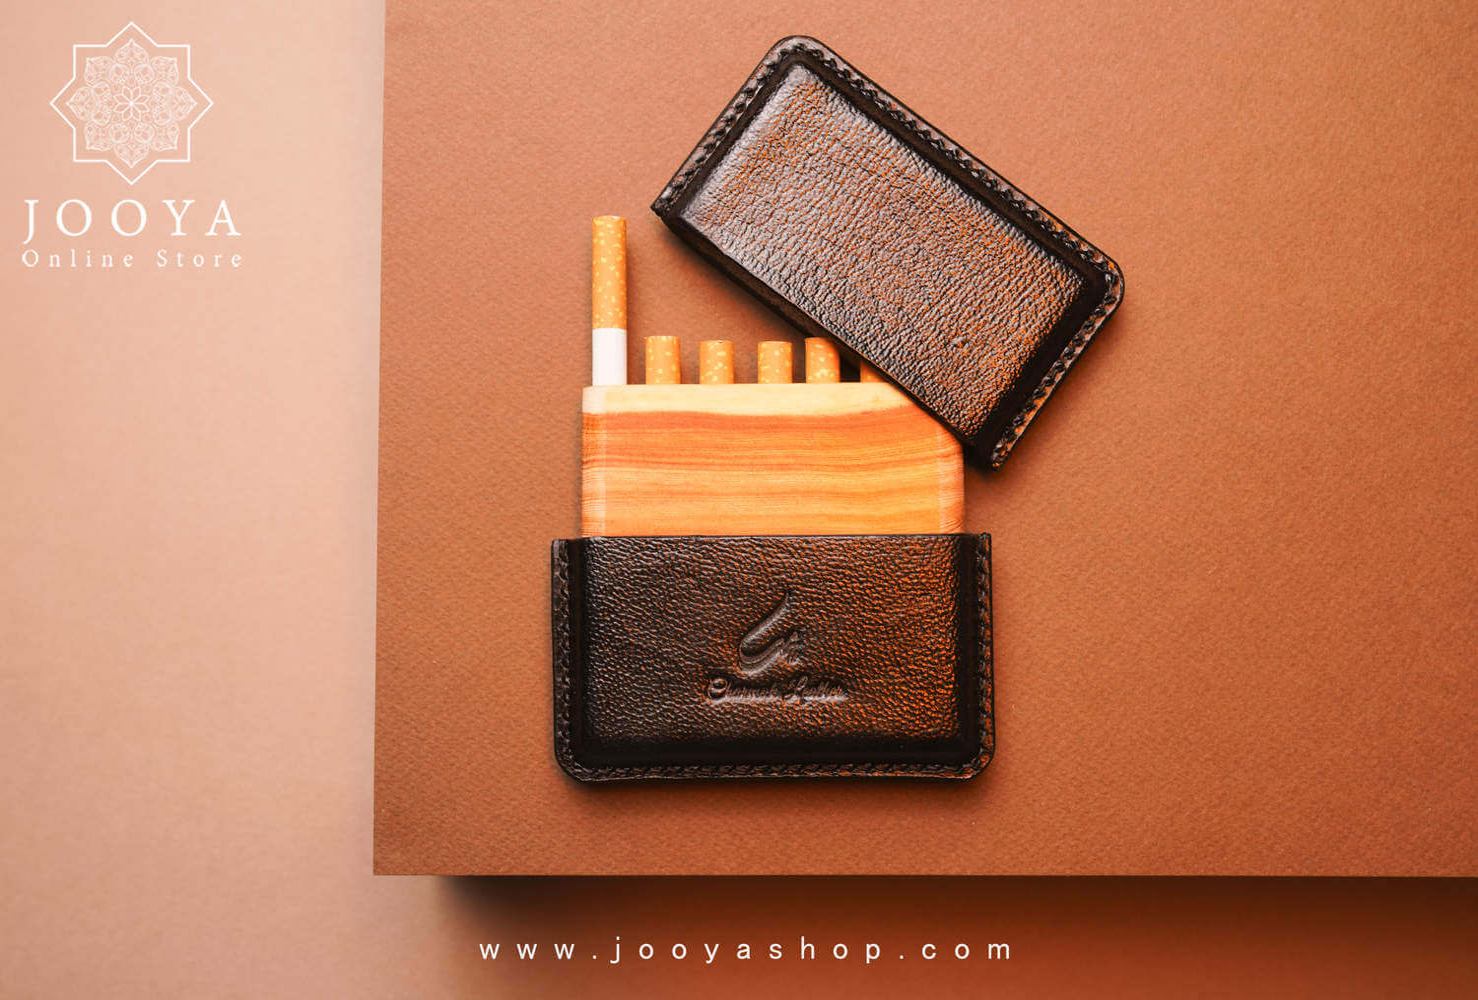 تصویر کیف سیگار چرم توما